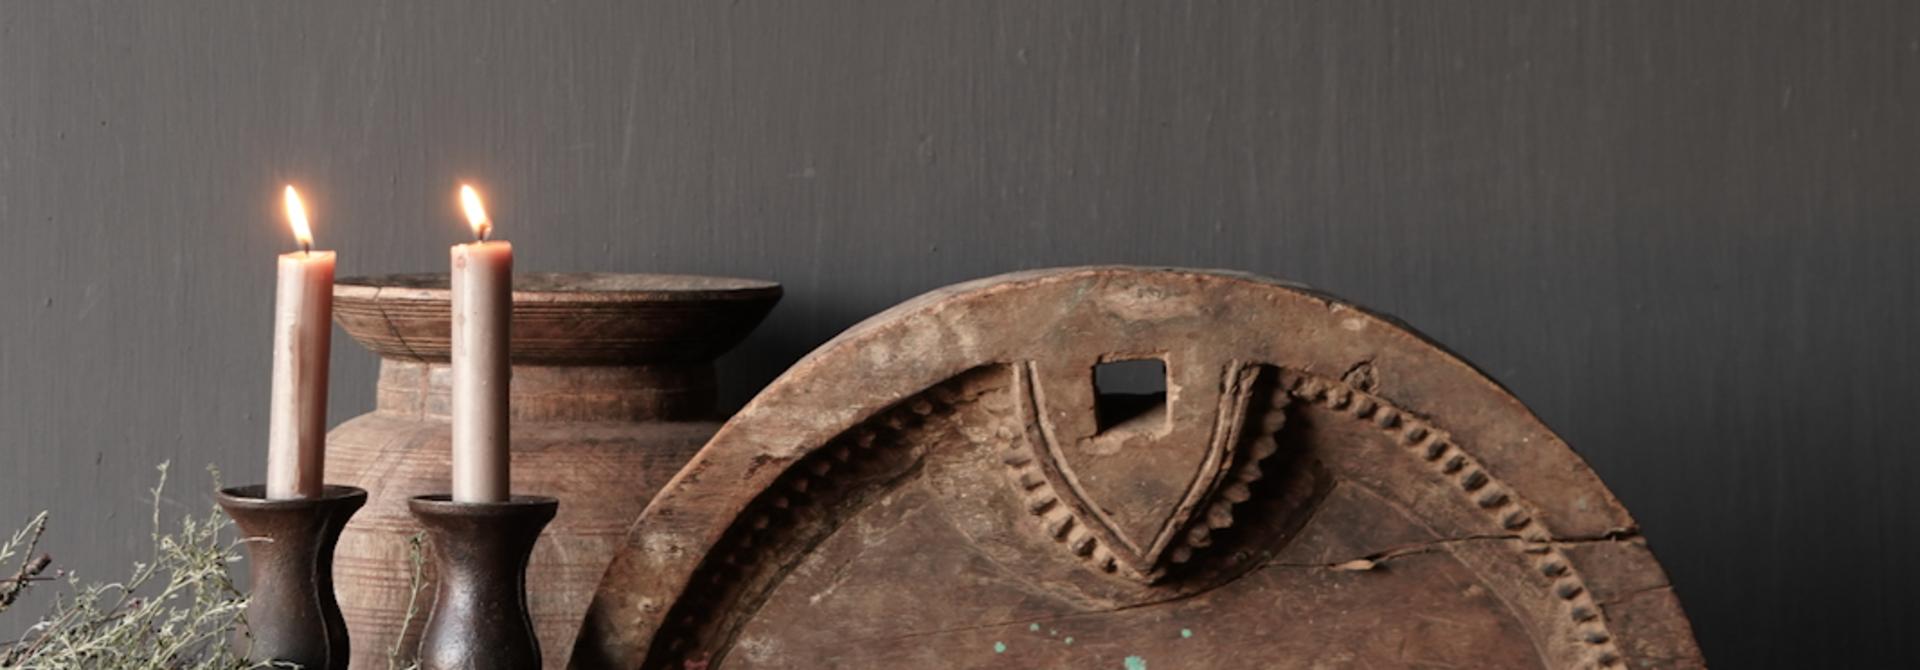 Oud Ornament  op ijzeren stander